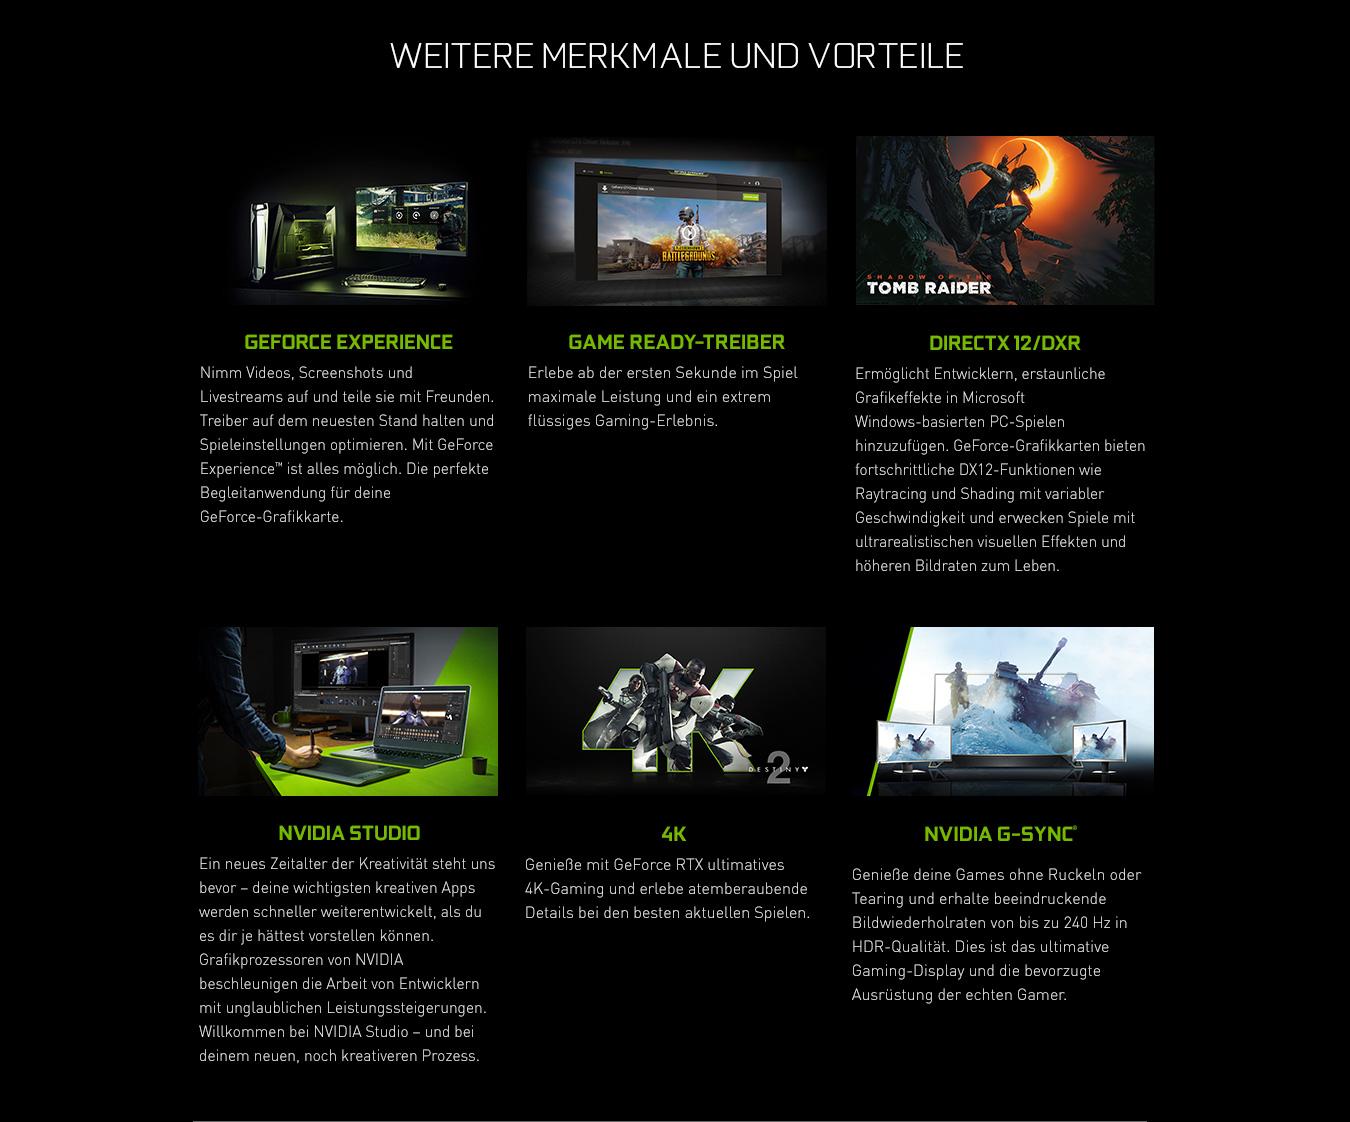 WEITERE MERKMALE UND VORTEILE - GEFORCE EXPERIENCE - GAME READY-TREIBER - DirectX 12/DXR - NVIDIA Studio - 4K - NVIDIA G-SYNC®